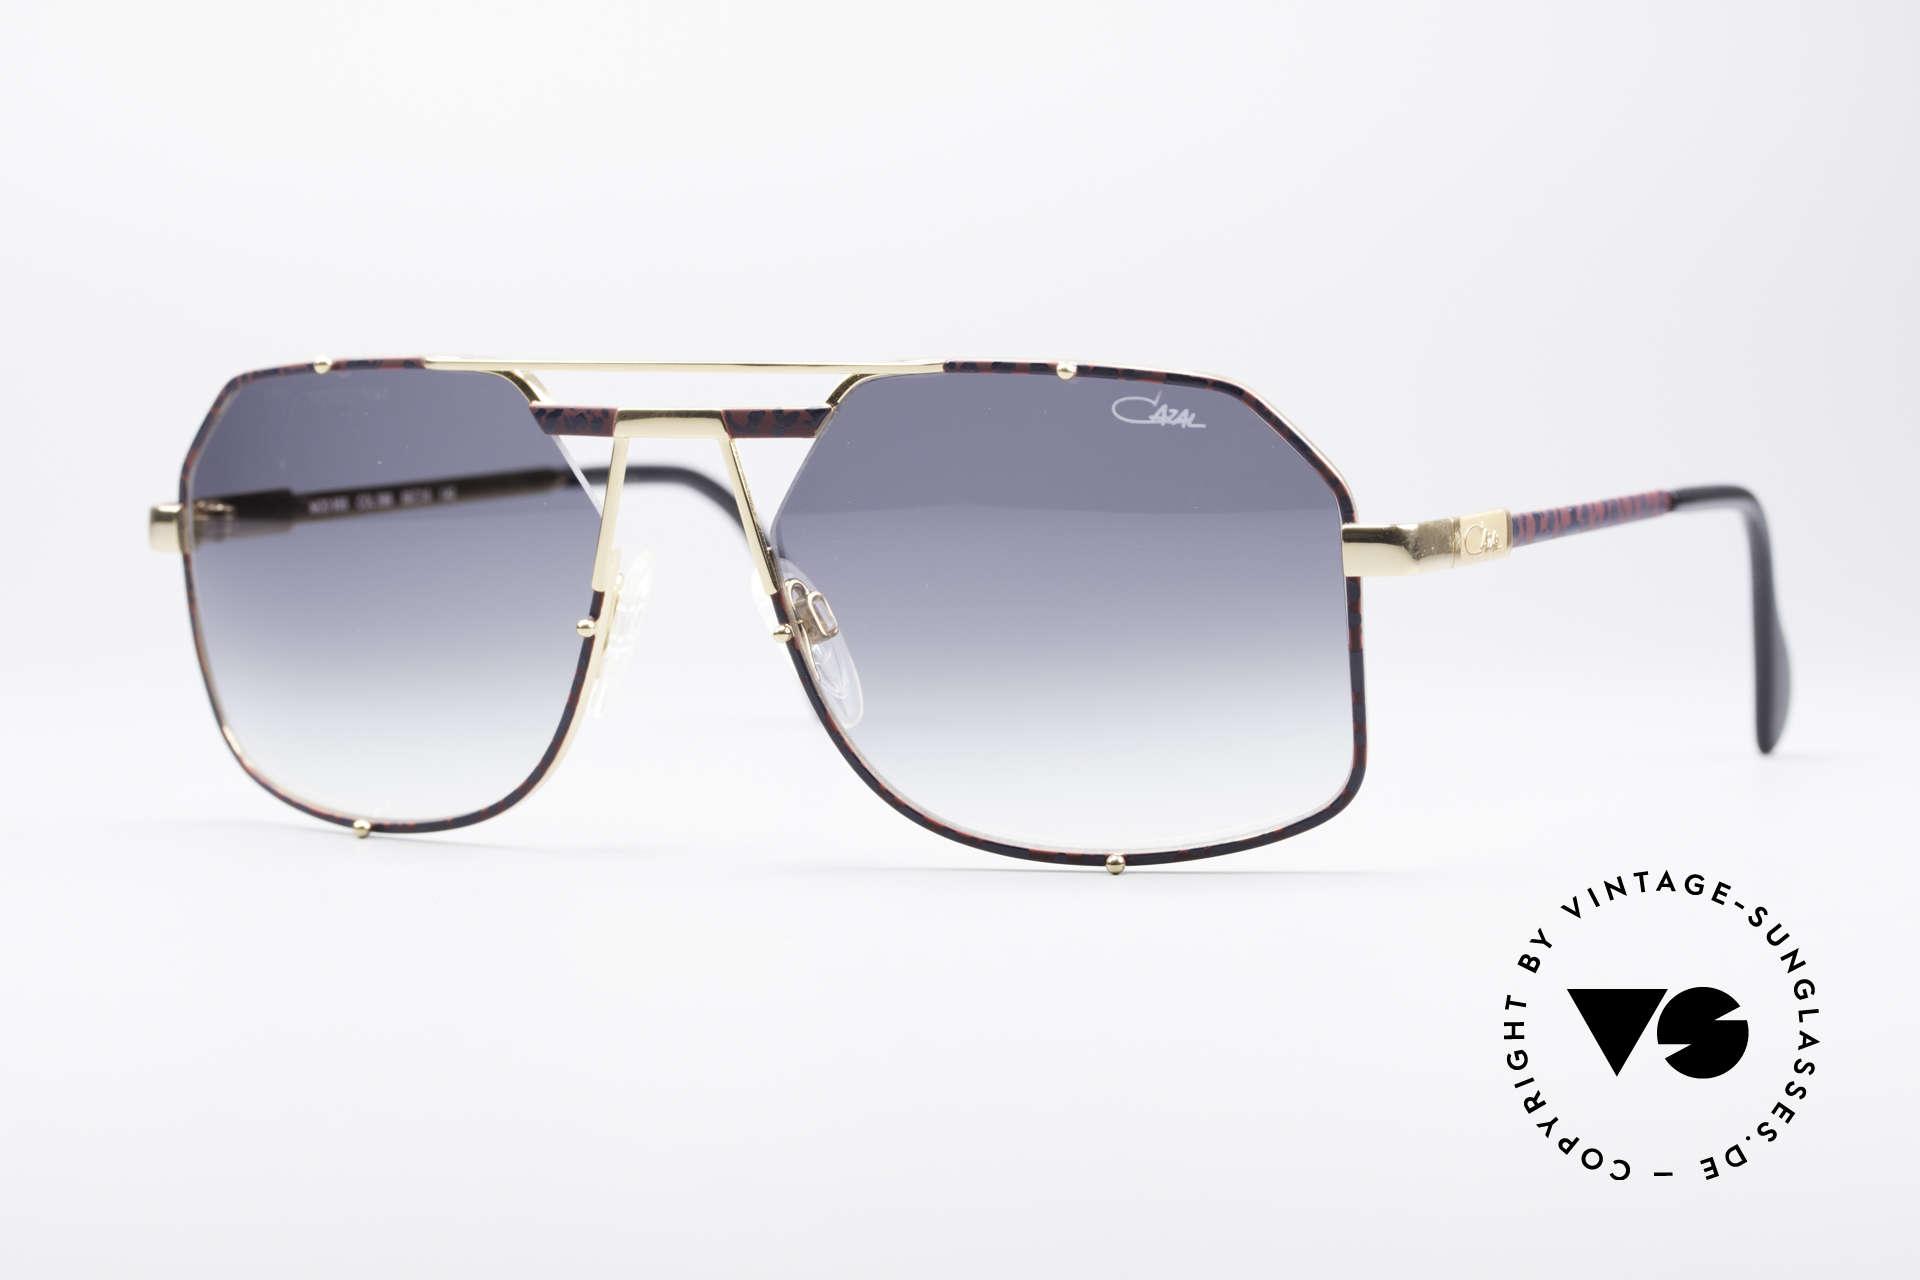 Cazal 959 90's Gentlemen's Shades, very elegant Cazal designer sunglasses from 1993, Made for Men